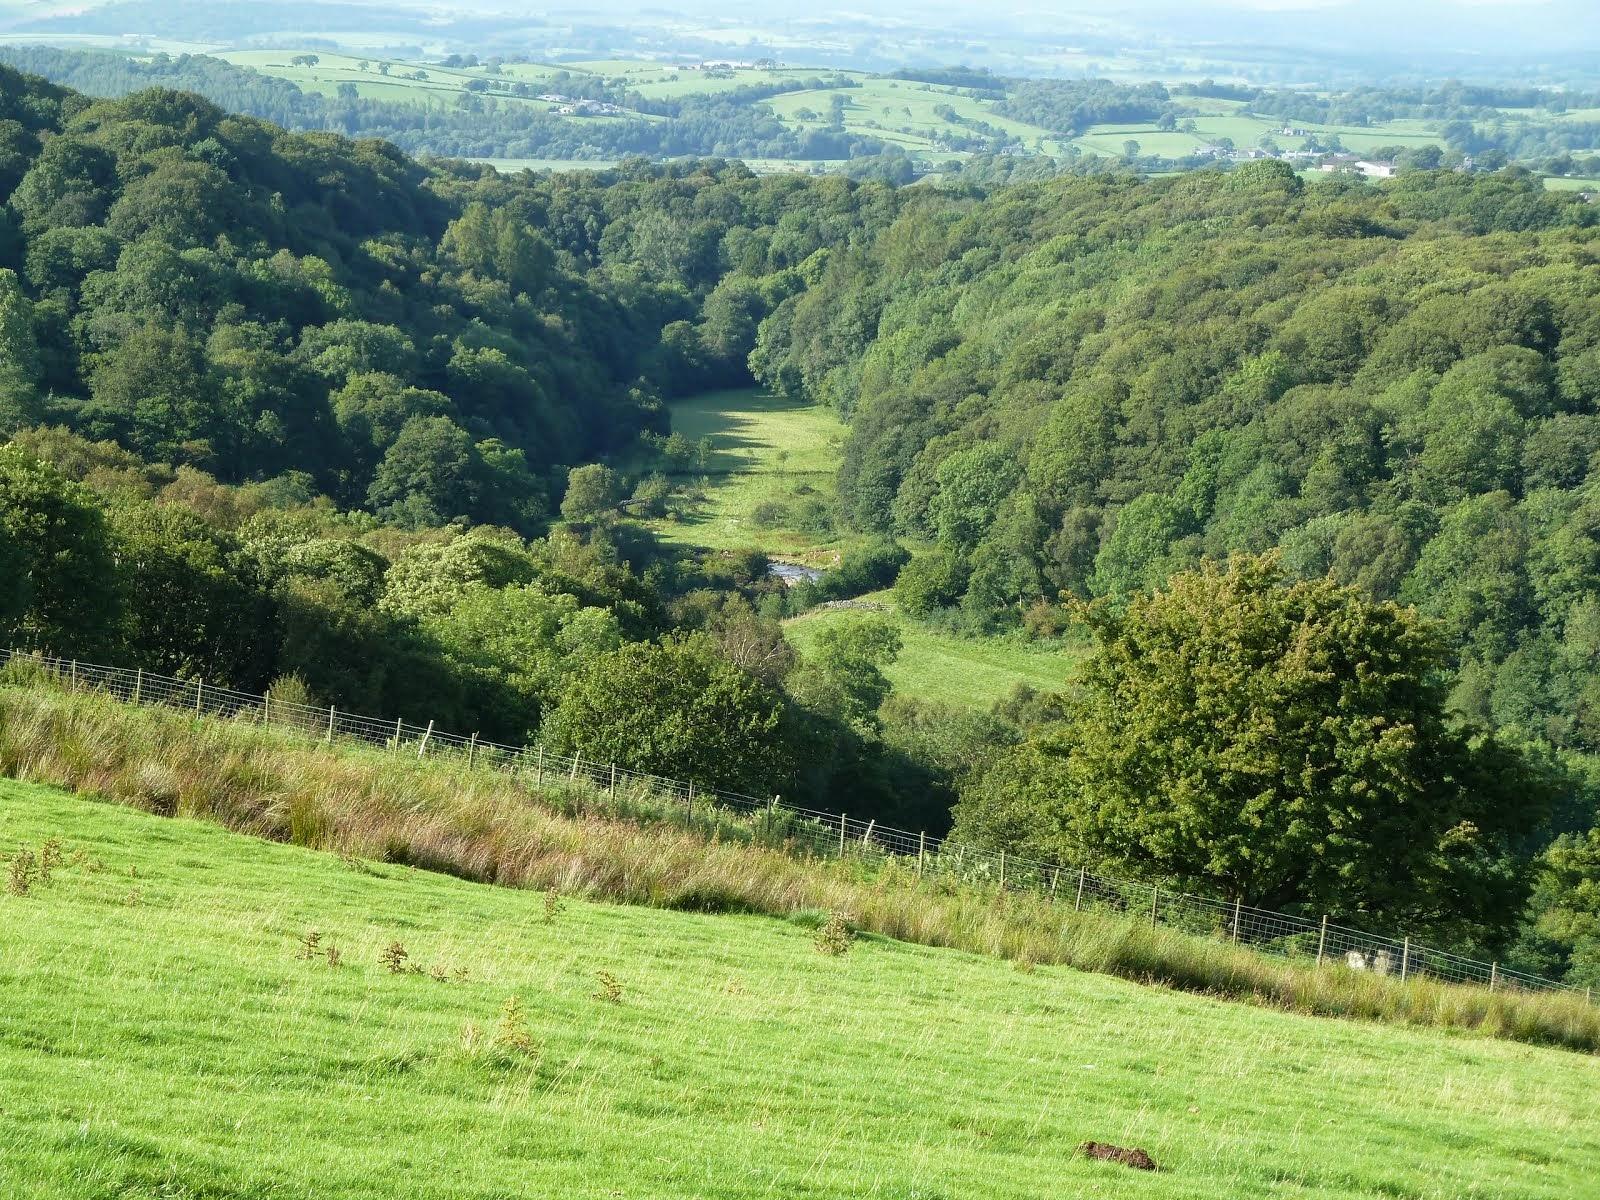 Roeburn Valley